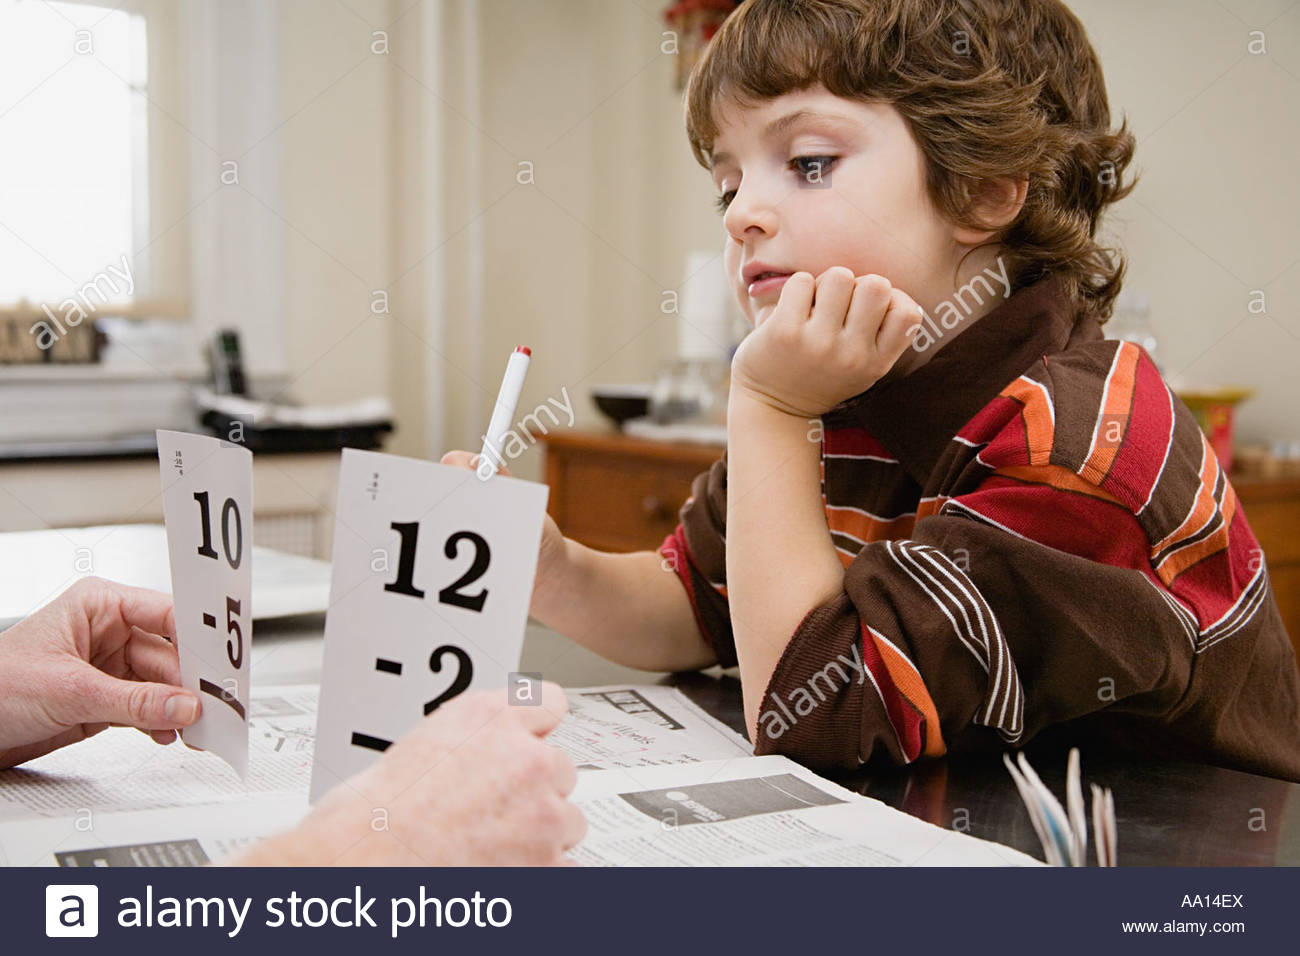 Boy learning mathematics - Stock Image